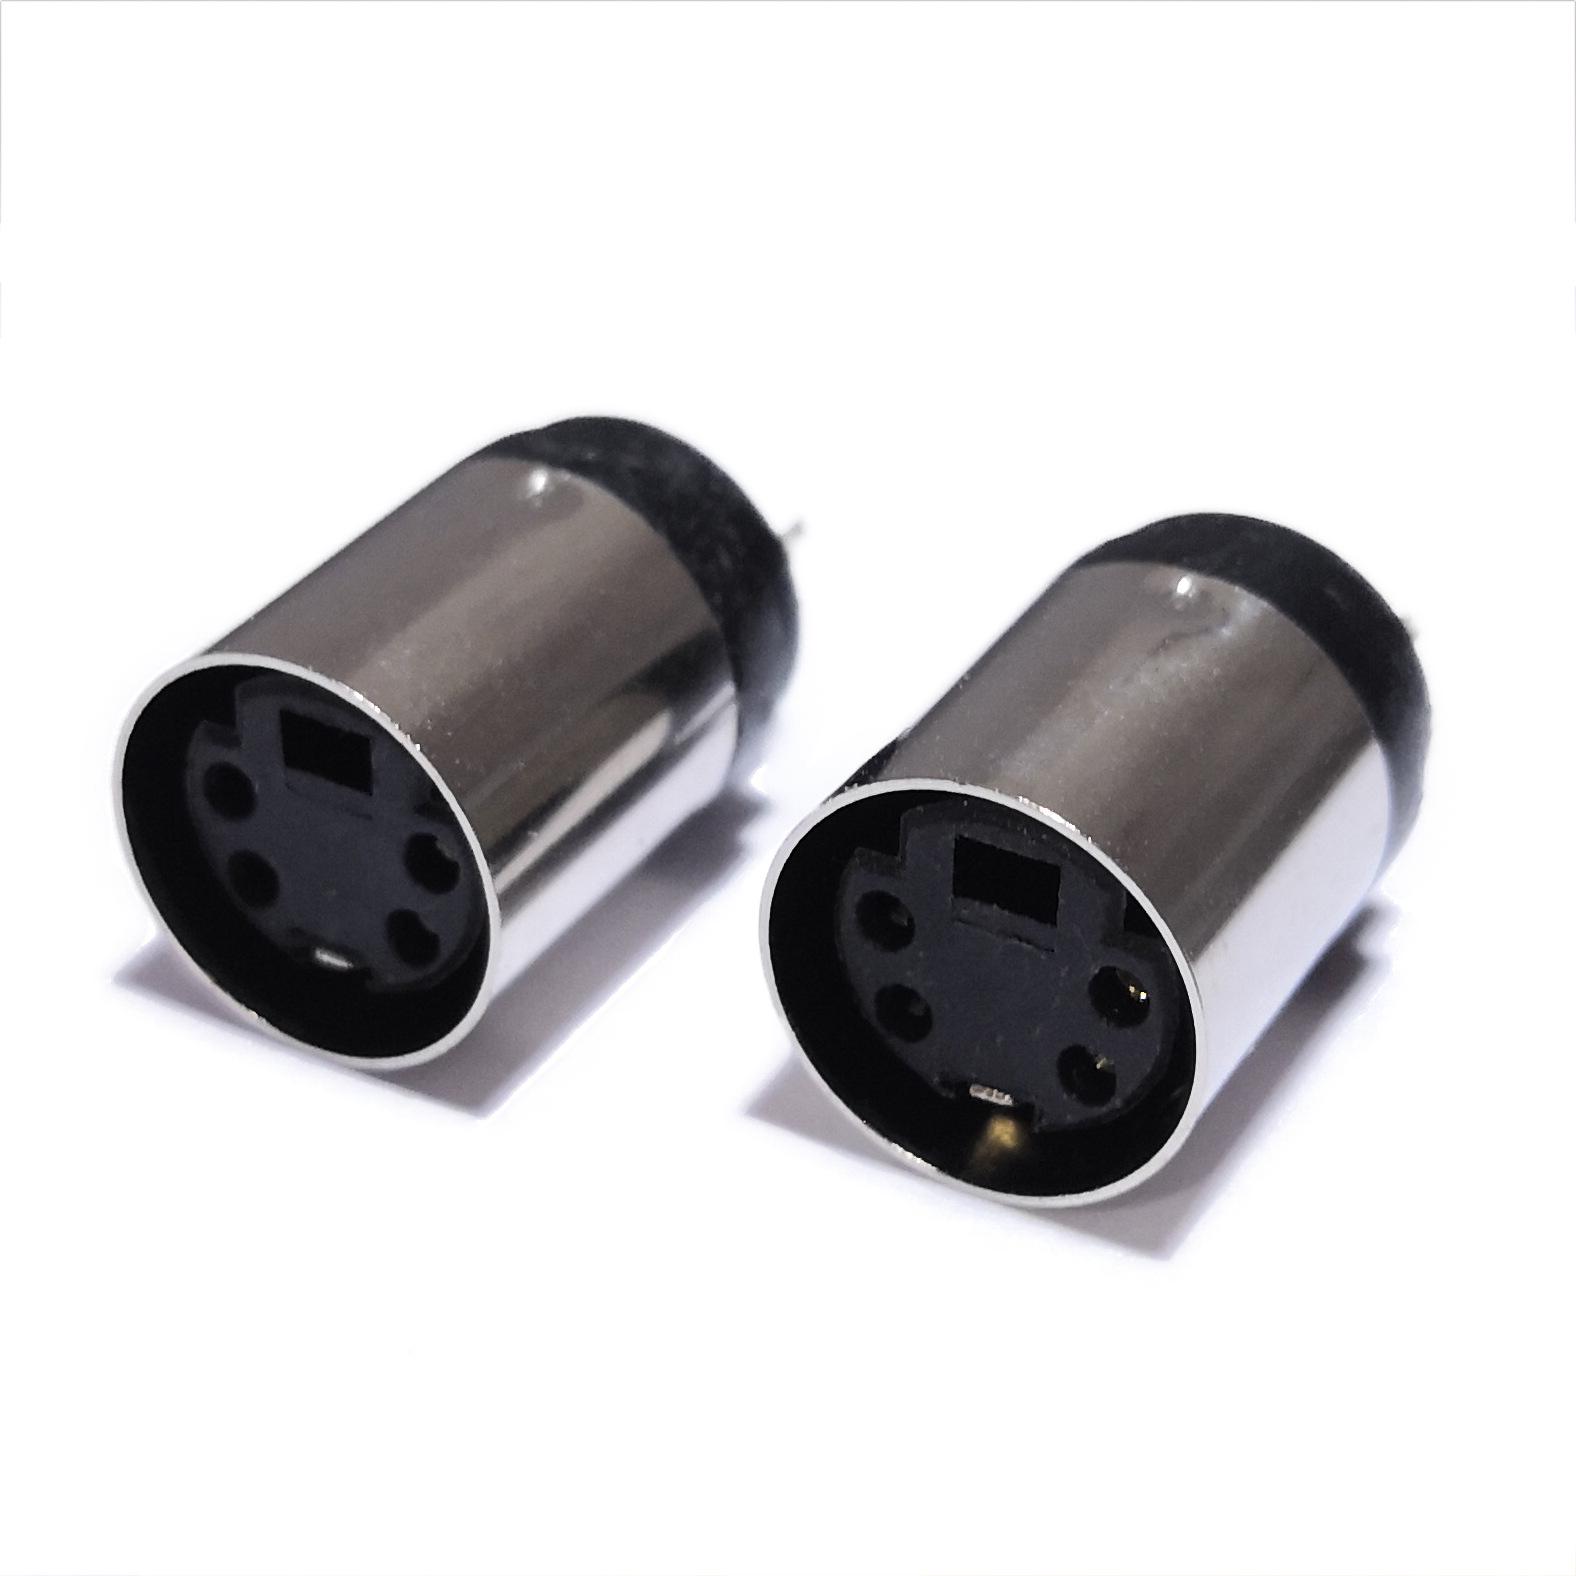 DF Cầu đấu dây Domino Ghế nữ MINIDIN4P S kết nối đầu cuối mini 6P đinh MINI8 pin 5PIN